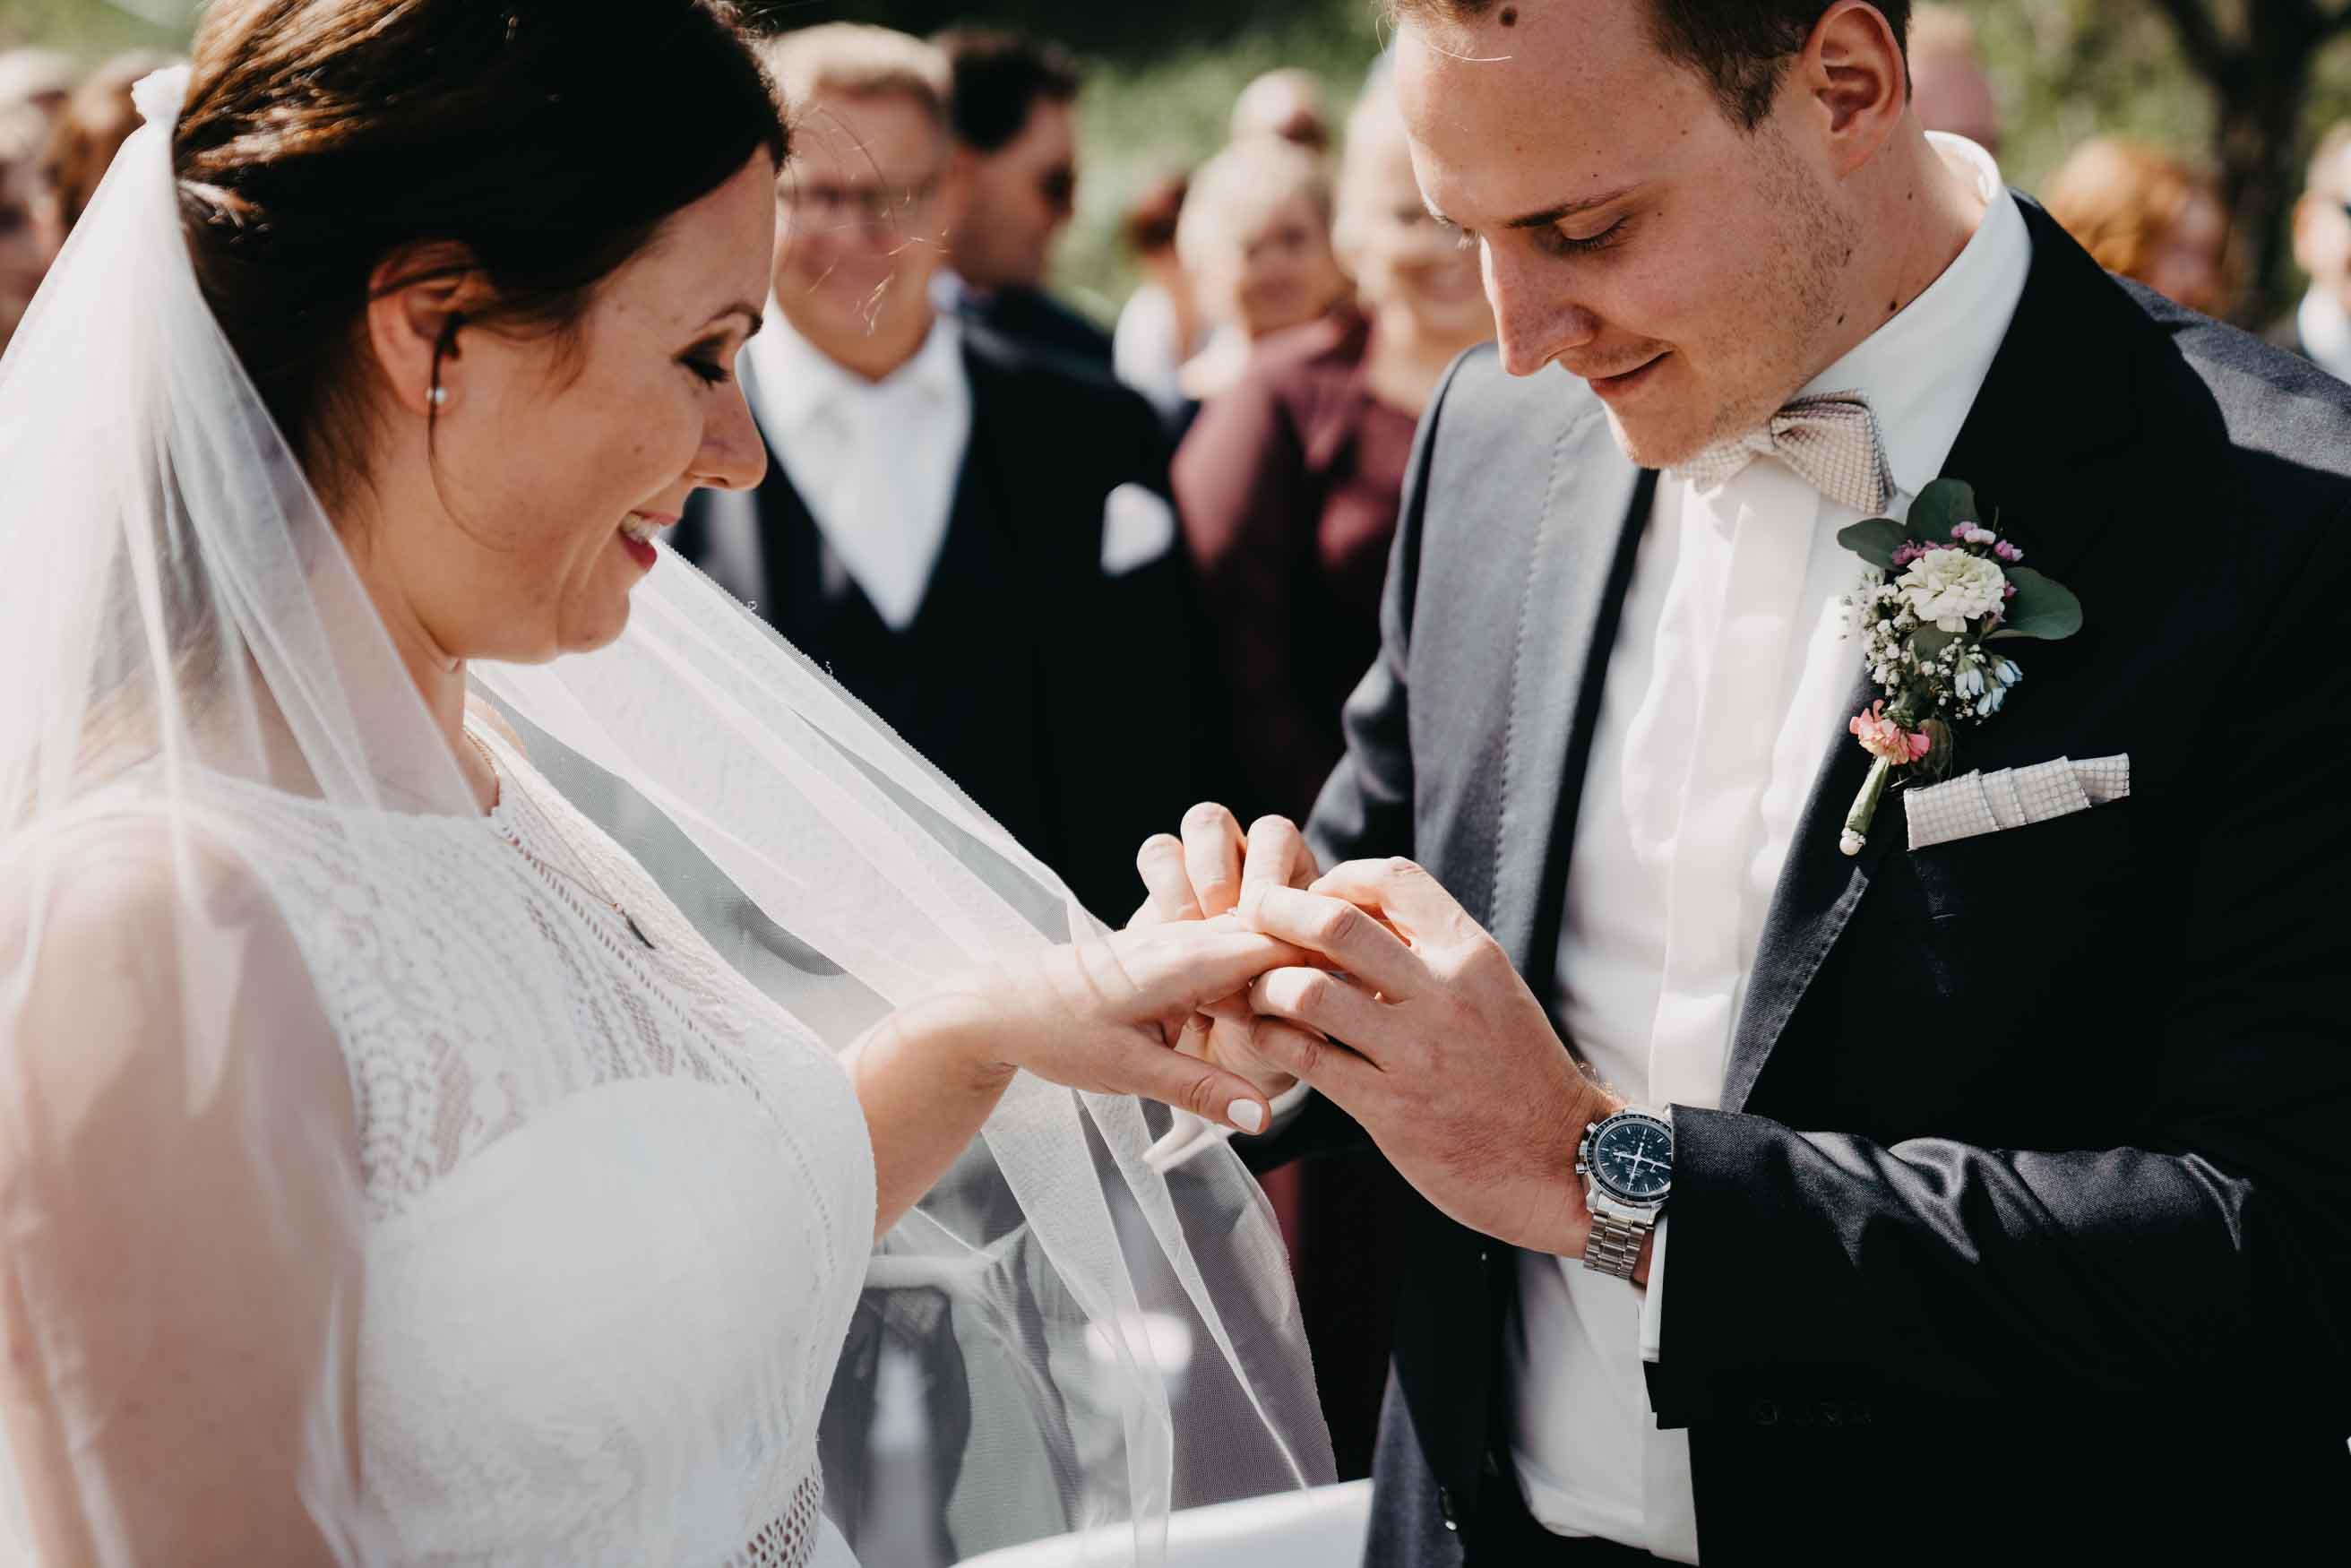 Der Bräutigam steckt seiner Braut den Ring an.